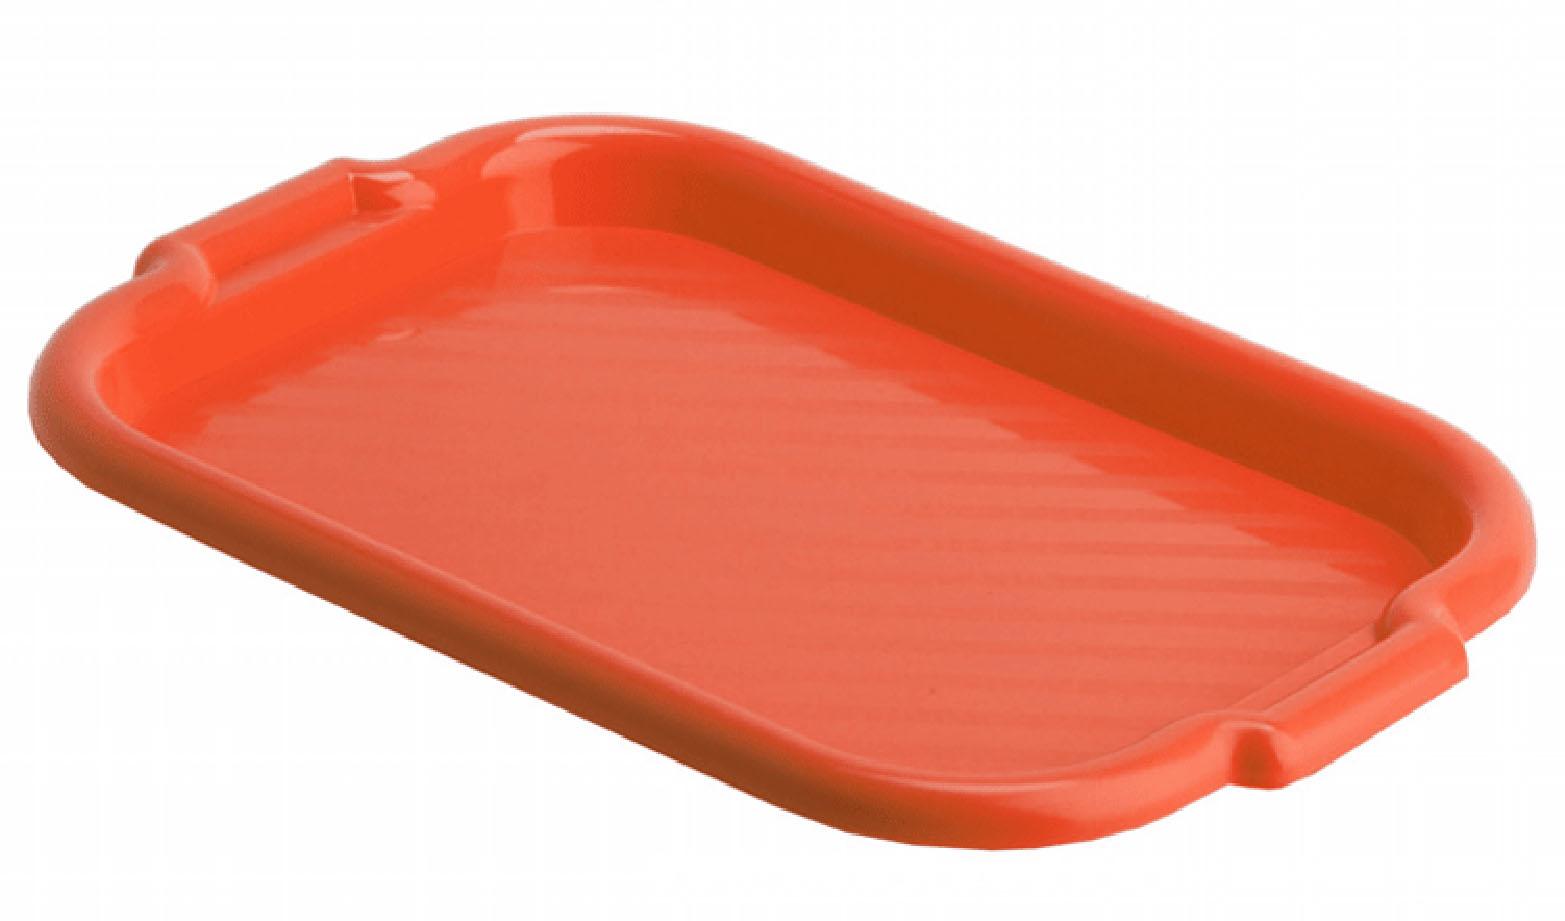 Поднос универсальный Idea, цвет: красный, 49 х 33 смTR40721B1N1Универсальный поднос Idea изготовлен из высококачественного прочного полипропилена. Поднос снабжен ручками для удобной переноски. Универсальный, подходит для переноски, хранения и сервировки продуктов. Такой поднос пригодится в любом хозяйстве.